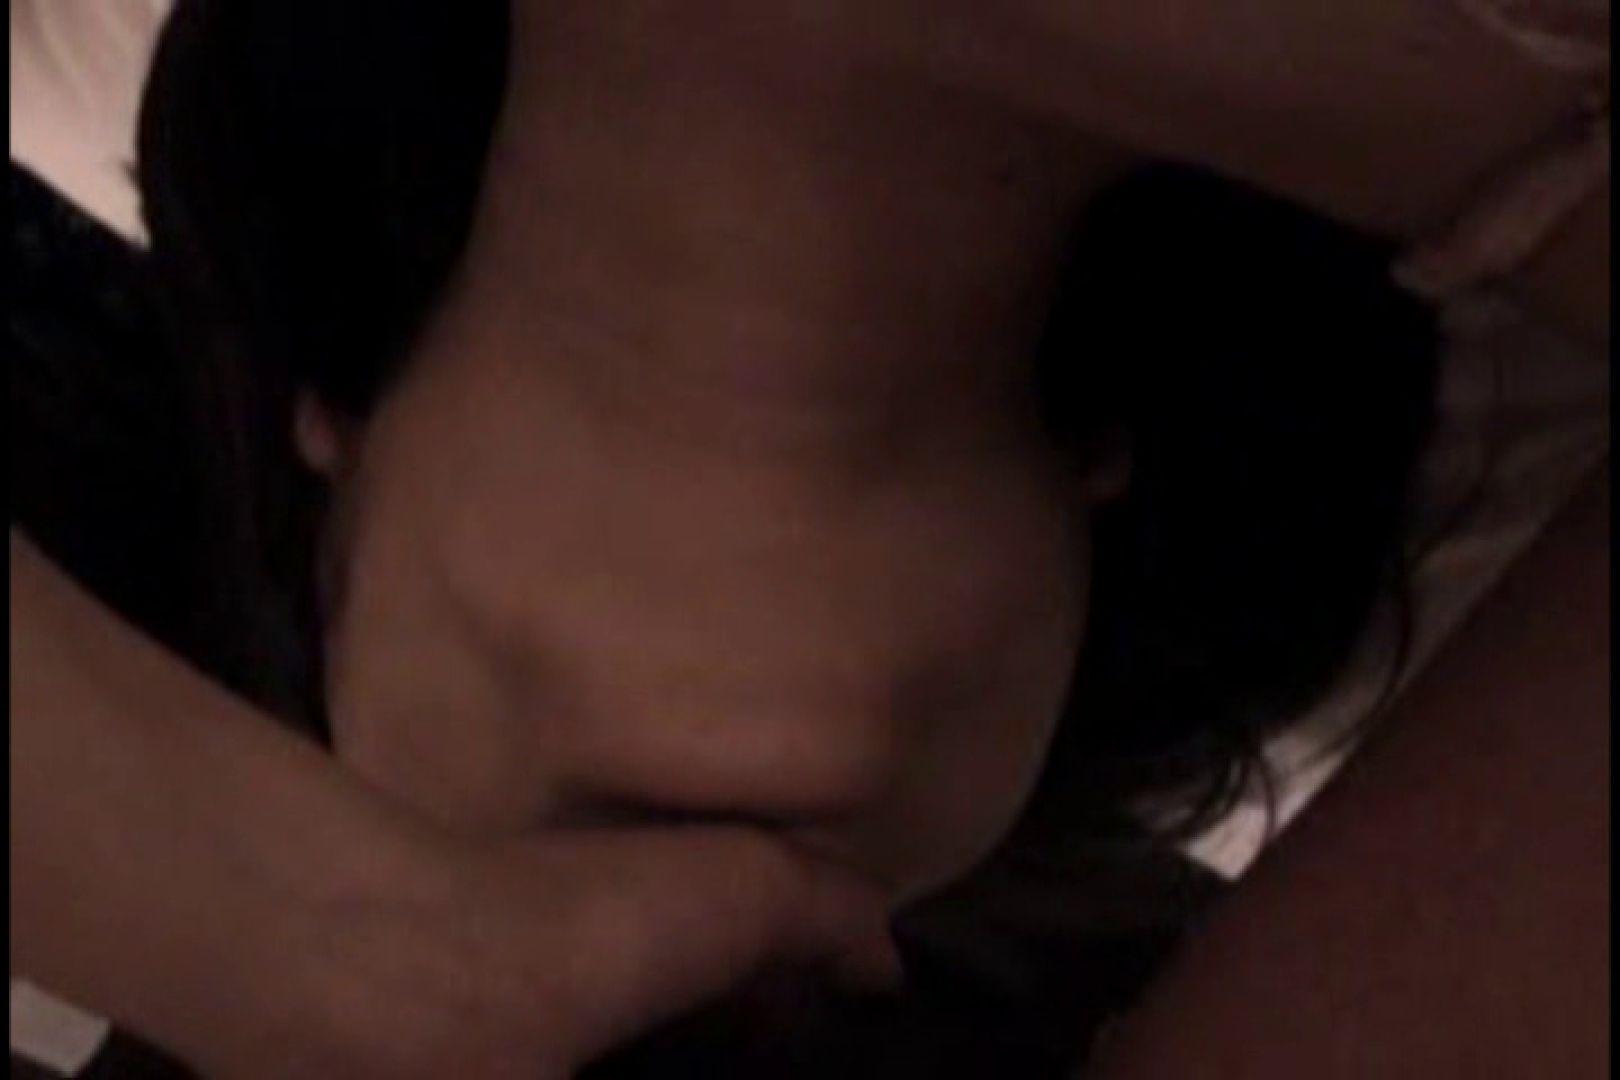 セクシーな熟女 ローター | 熟女の裸体  61画像 59